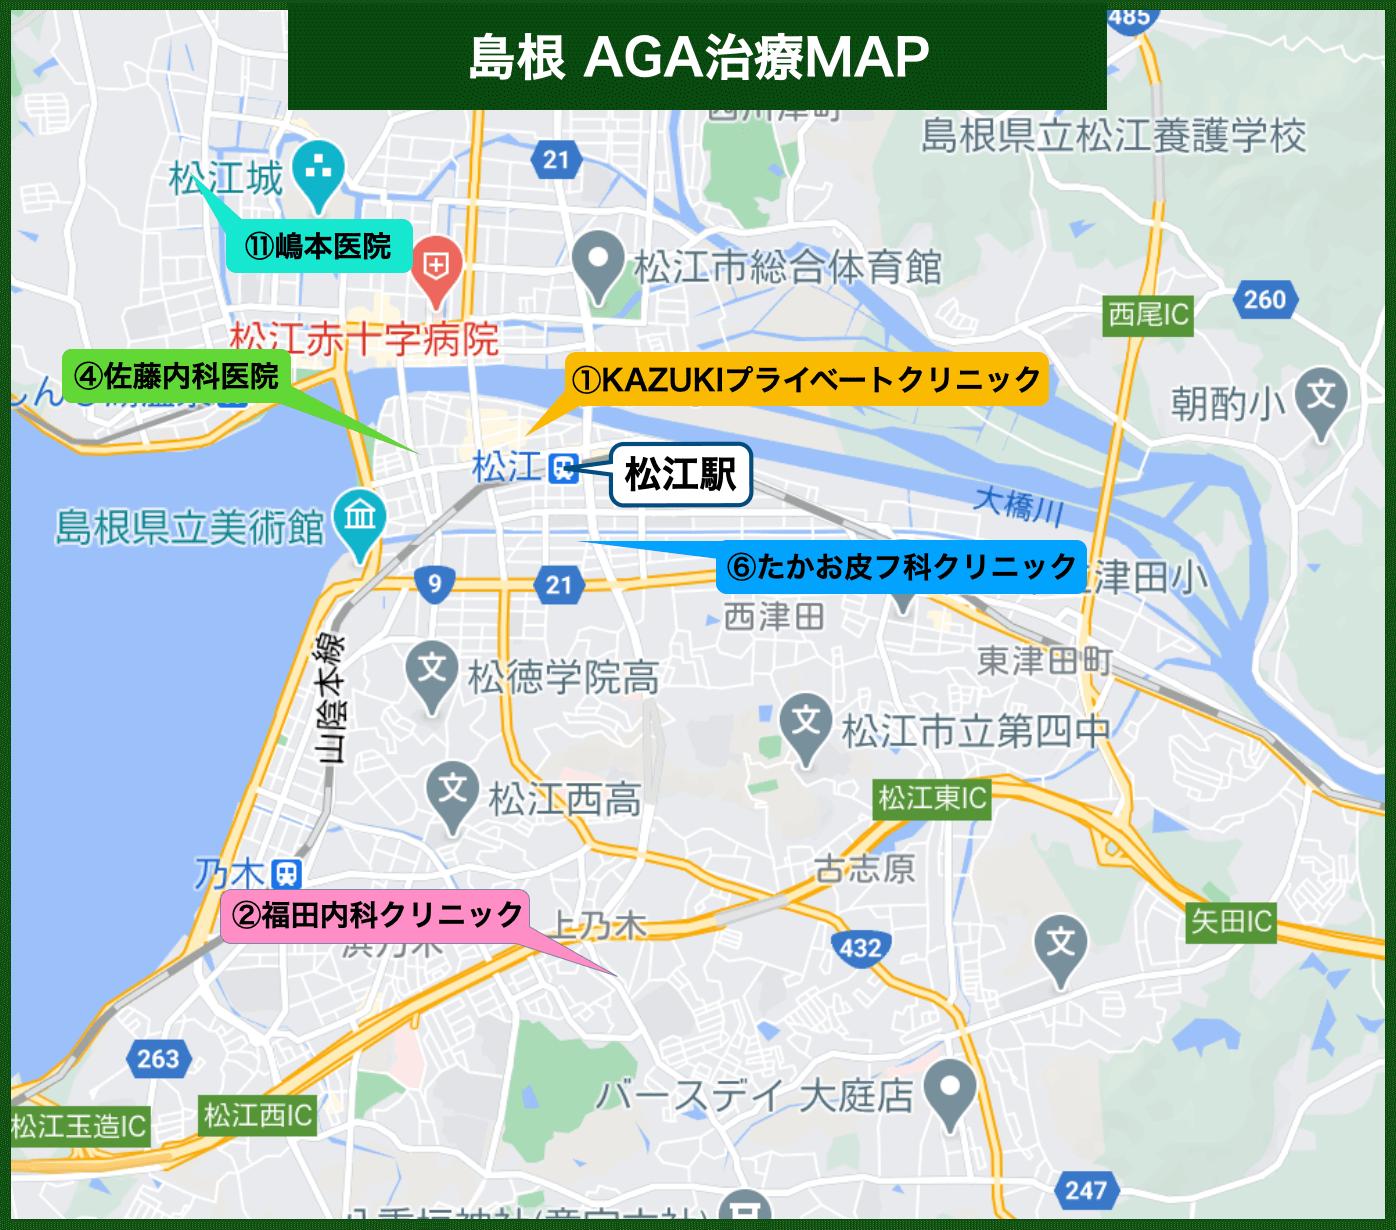 松江AGA治療MAP